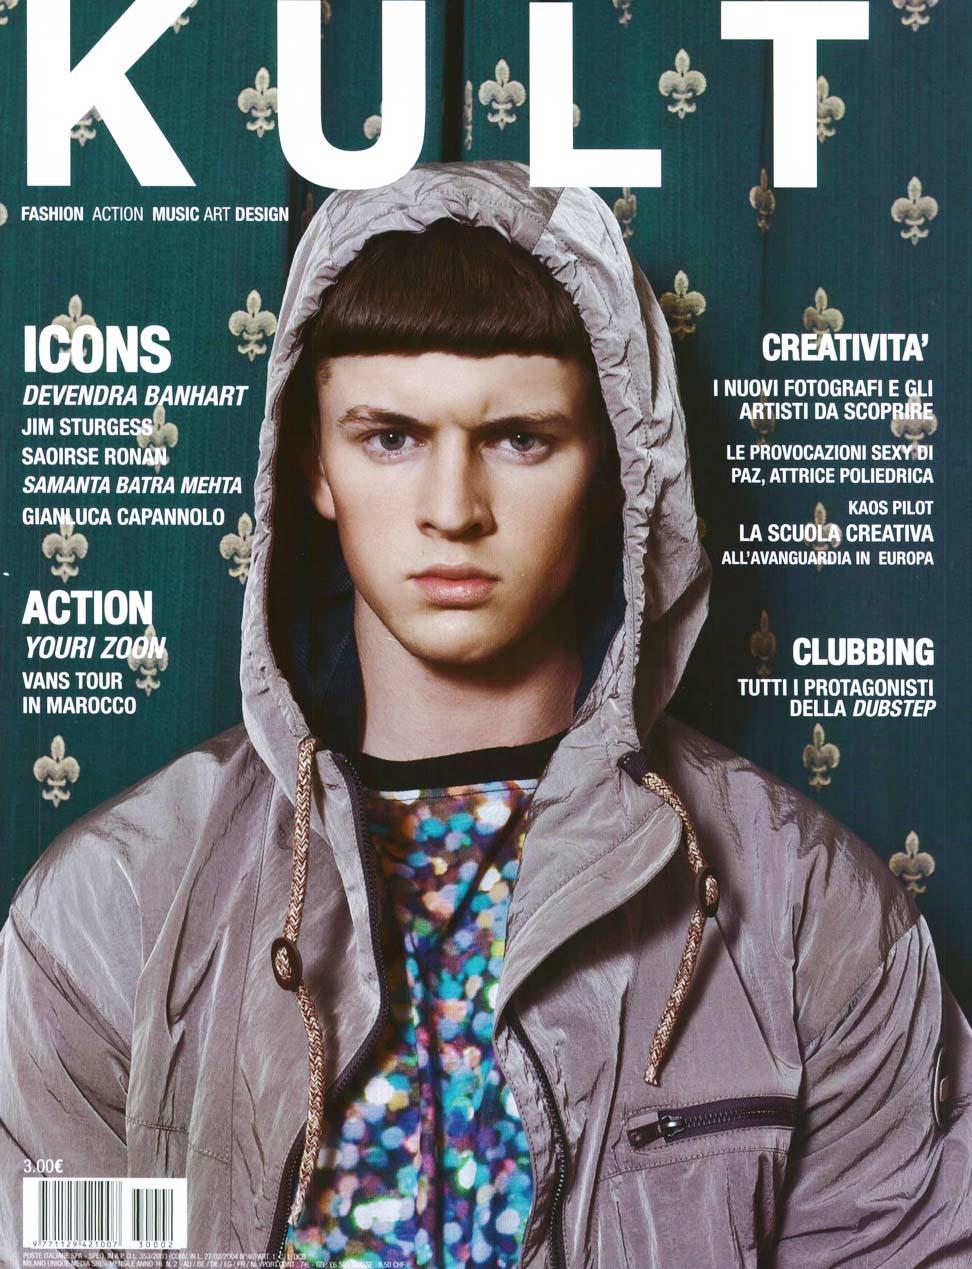 KULT_01.03.13_COVER